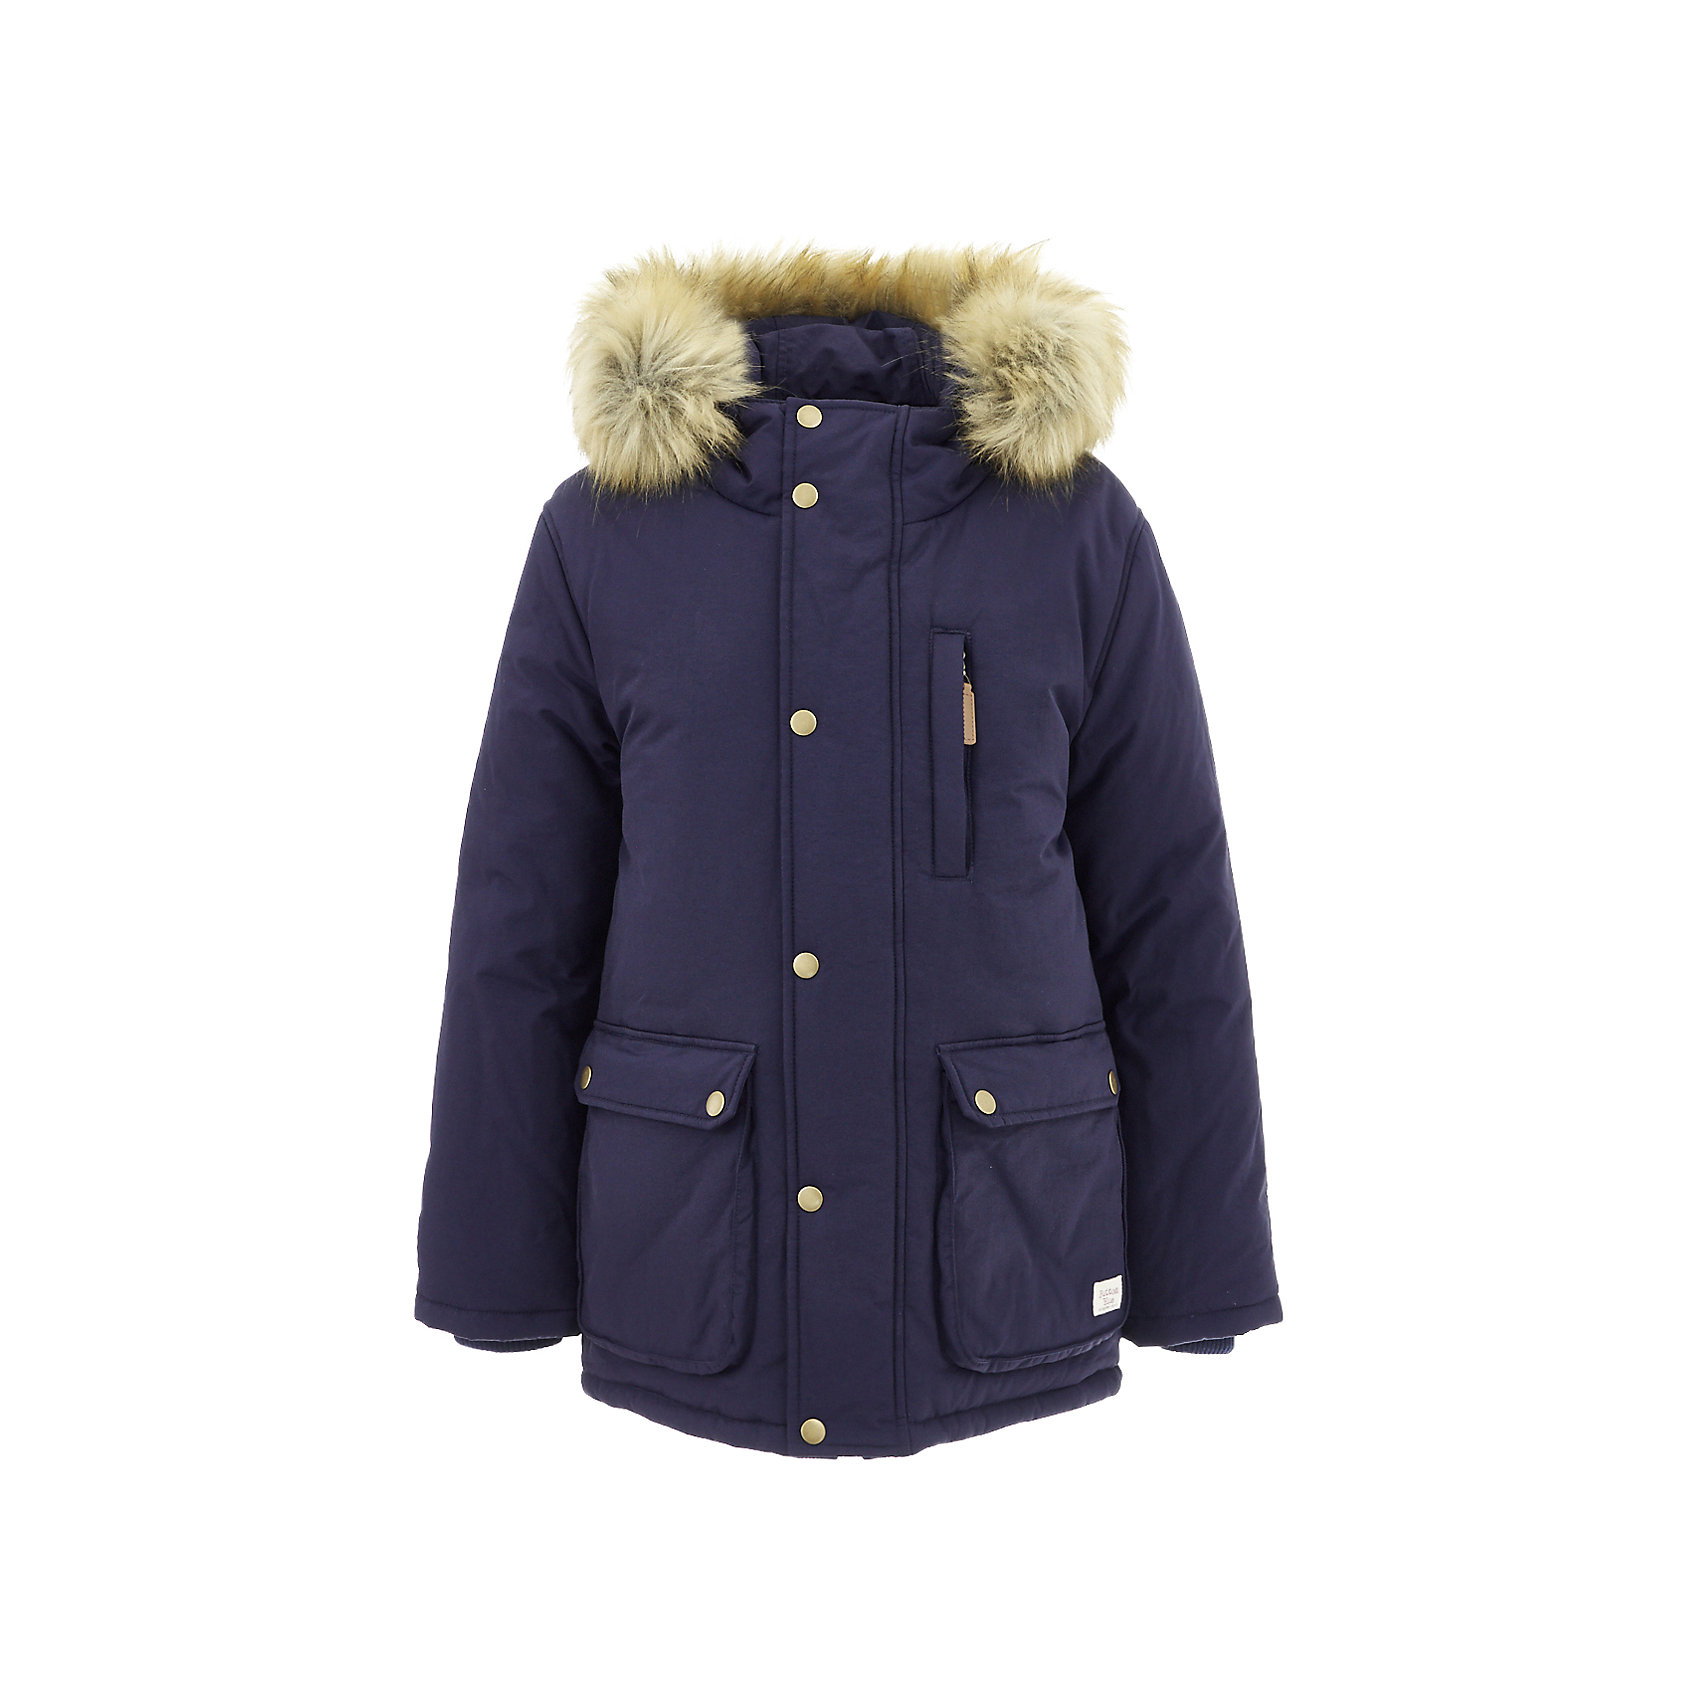 Полупальто BUTTON BLUE для мальчикаВерхняя одежда<br>Полупальто BUTTON BLUE для мальчика<br>Стильное зимнее полупальто для мальчика - залог хорошего настроения в морозный день! Классное детское полупальто по оптимальной цене принесет удовольствие от покупки эксплуатации! Недорогое пальто - не значит скучное! Красивый цвет, модный силуэт, крупные функциональные детали обеспечивают пальто прекрасный внешний вид! Если вы хотите купить зимнее полупальто и не сомневаться в его качестве и комфорте, детское полупальто от Button Blue - то что нужно!<br>Состав:<br>тк. верха:100% нейлон                   Подкладка: 100% полиэстер (флис)/100% полиэстер  Утеплитель 100% полиэстер (fake down) мех: искусственный<br><br>Ширина мм: 356<br>Глубина мм: 10<br>Высота мм: 245<br>Вес г: 519<br>Цвет: темно-синий<br>Возраст от месяцев: 36<br>Возраст до месяцев: 48<br>Пол: Мужской<br>Возраст: Детский<br>Размер: 104,158,152,146,140,134,128,122,116,110<br>SKU: 7038935